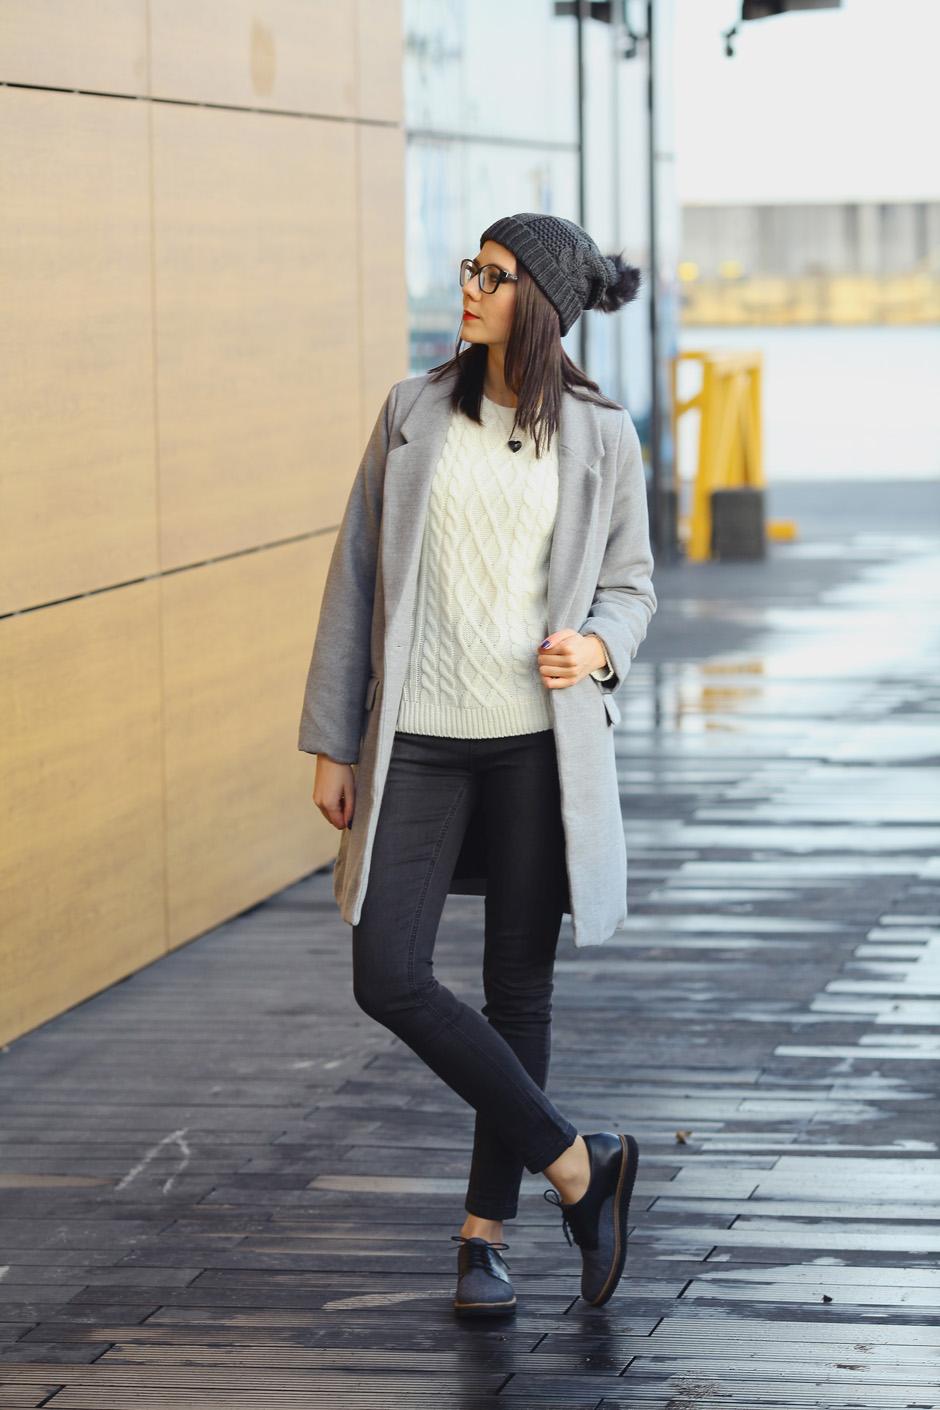 zimowa-stylizacja-filcowe-buty-clarks-bialy-sweter-i-wisior-z-wegla-11